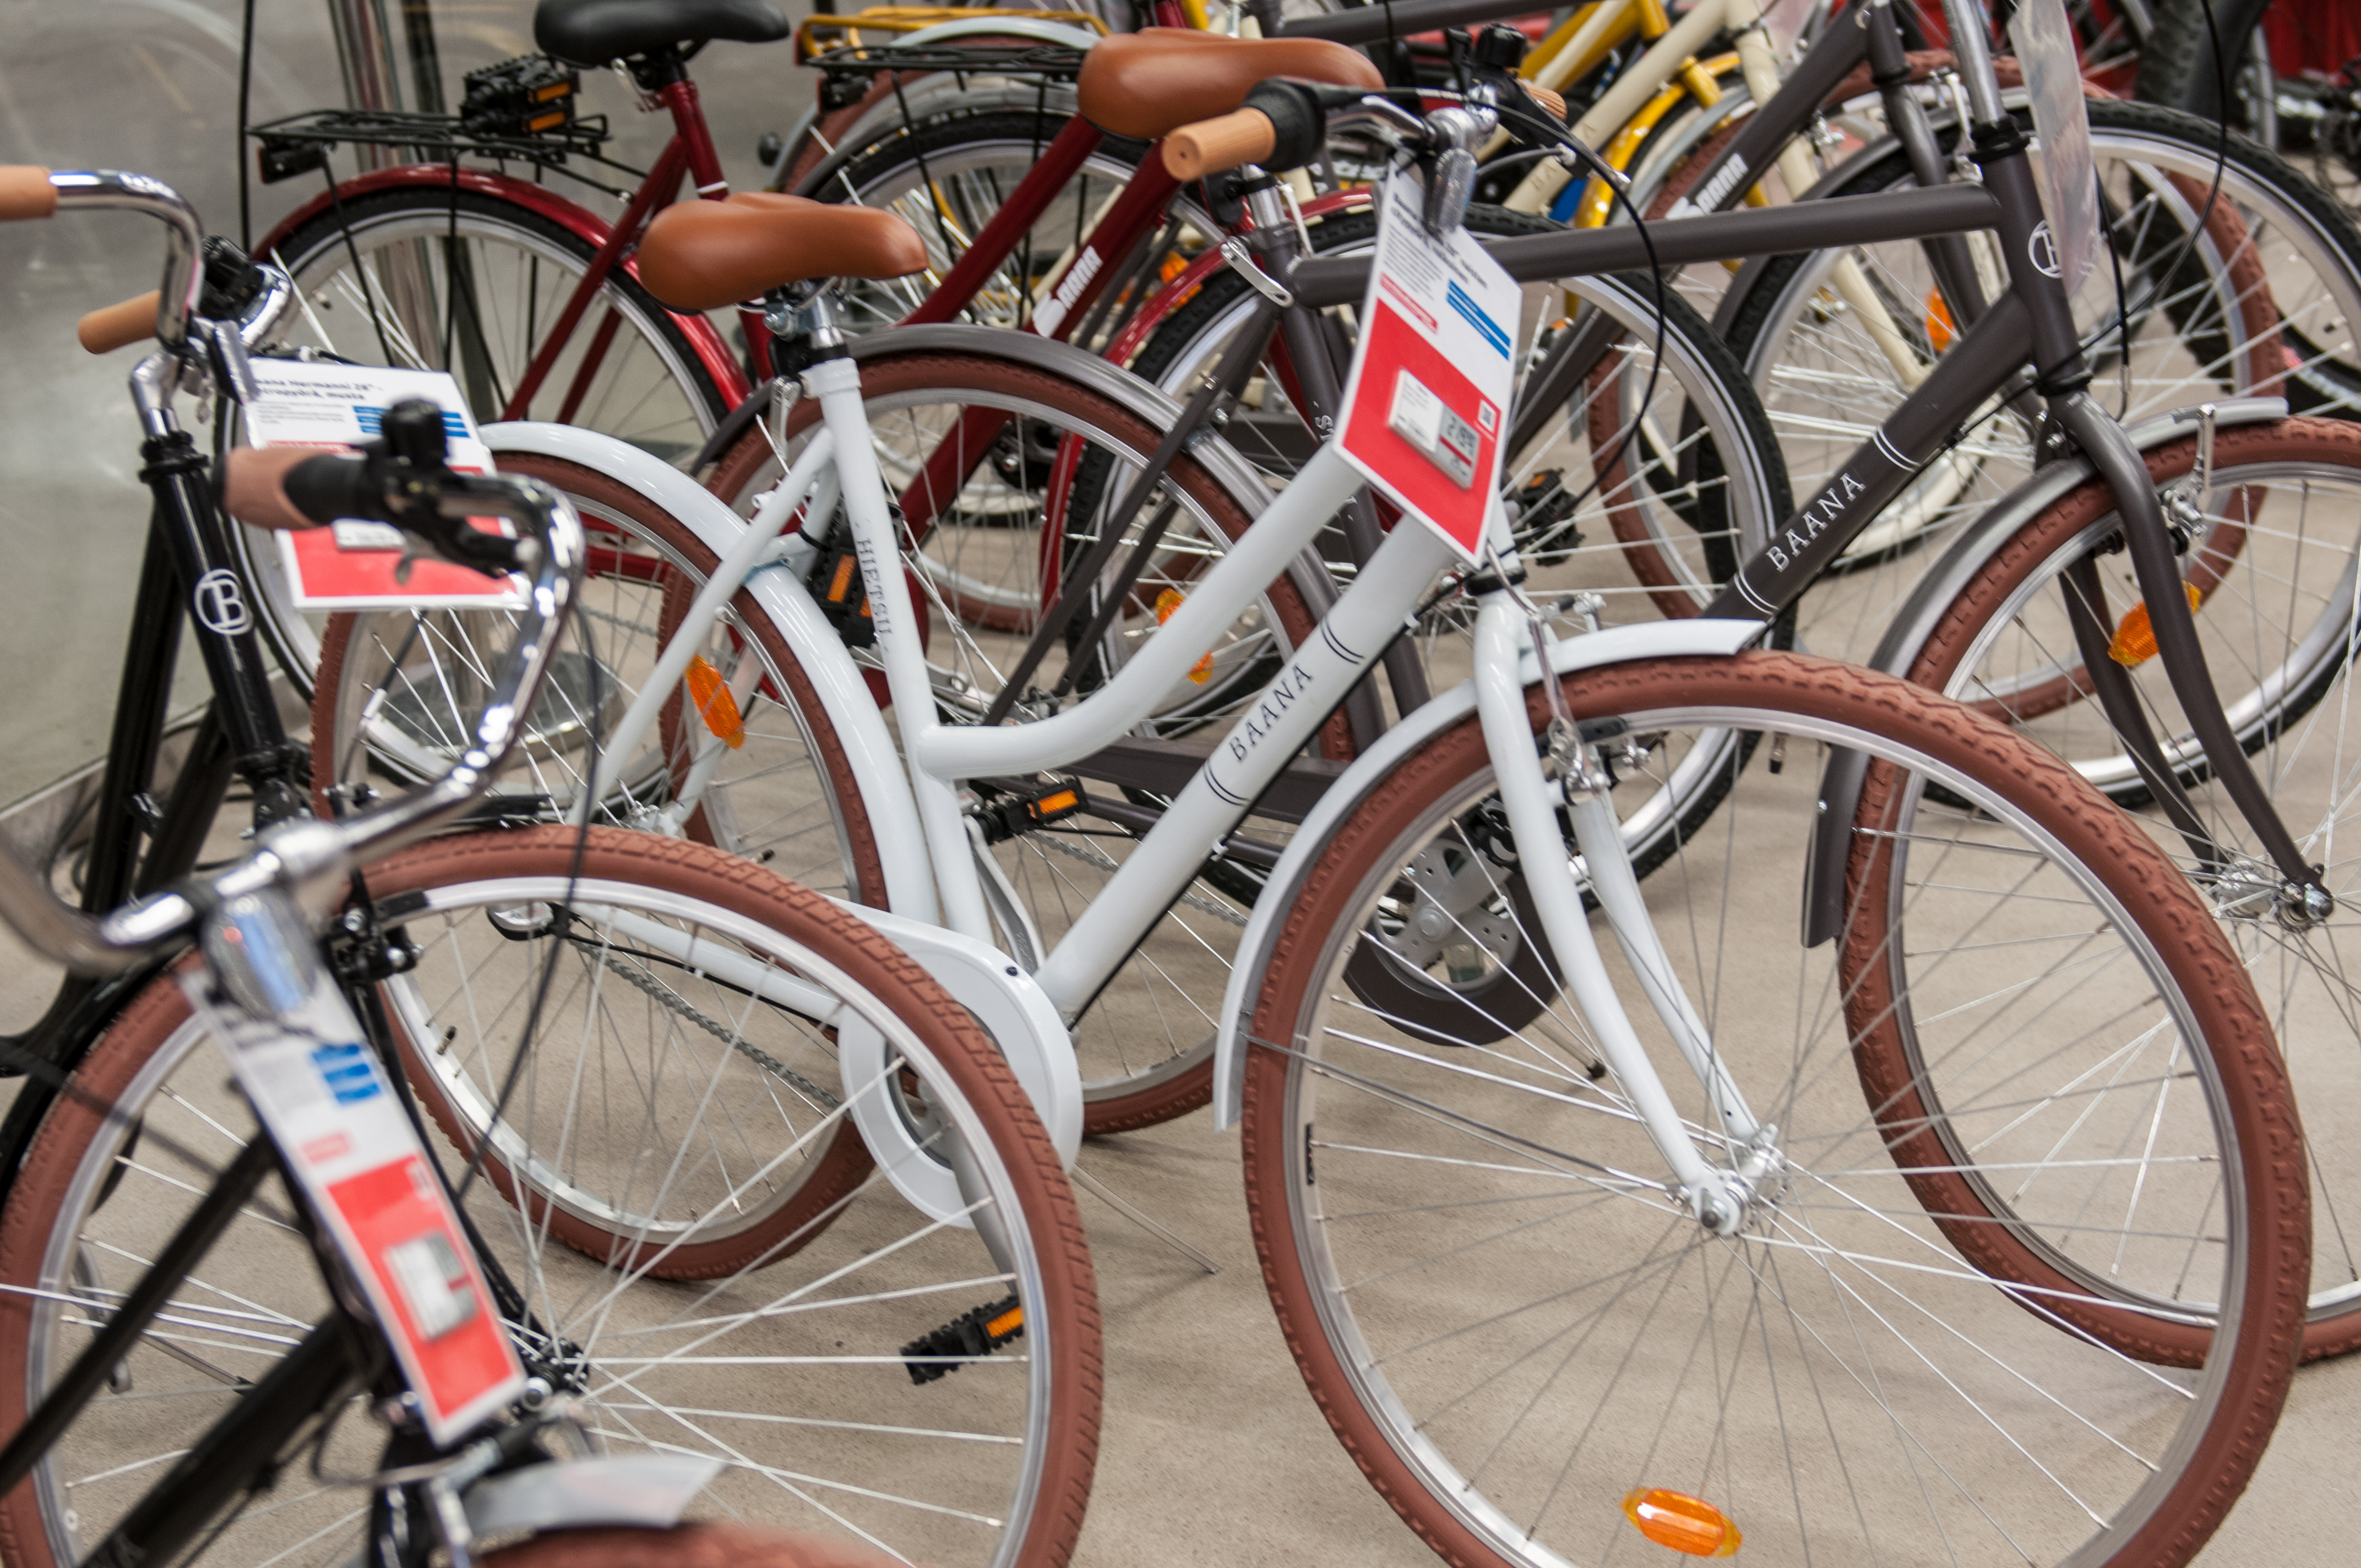 17-06-30-Helsinki-Fahrräder RR73513.jpg